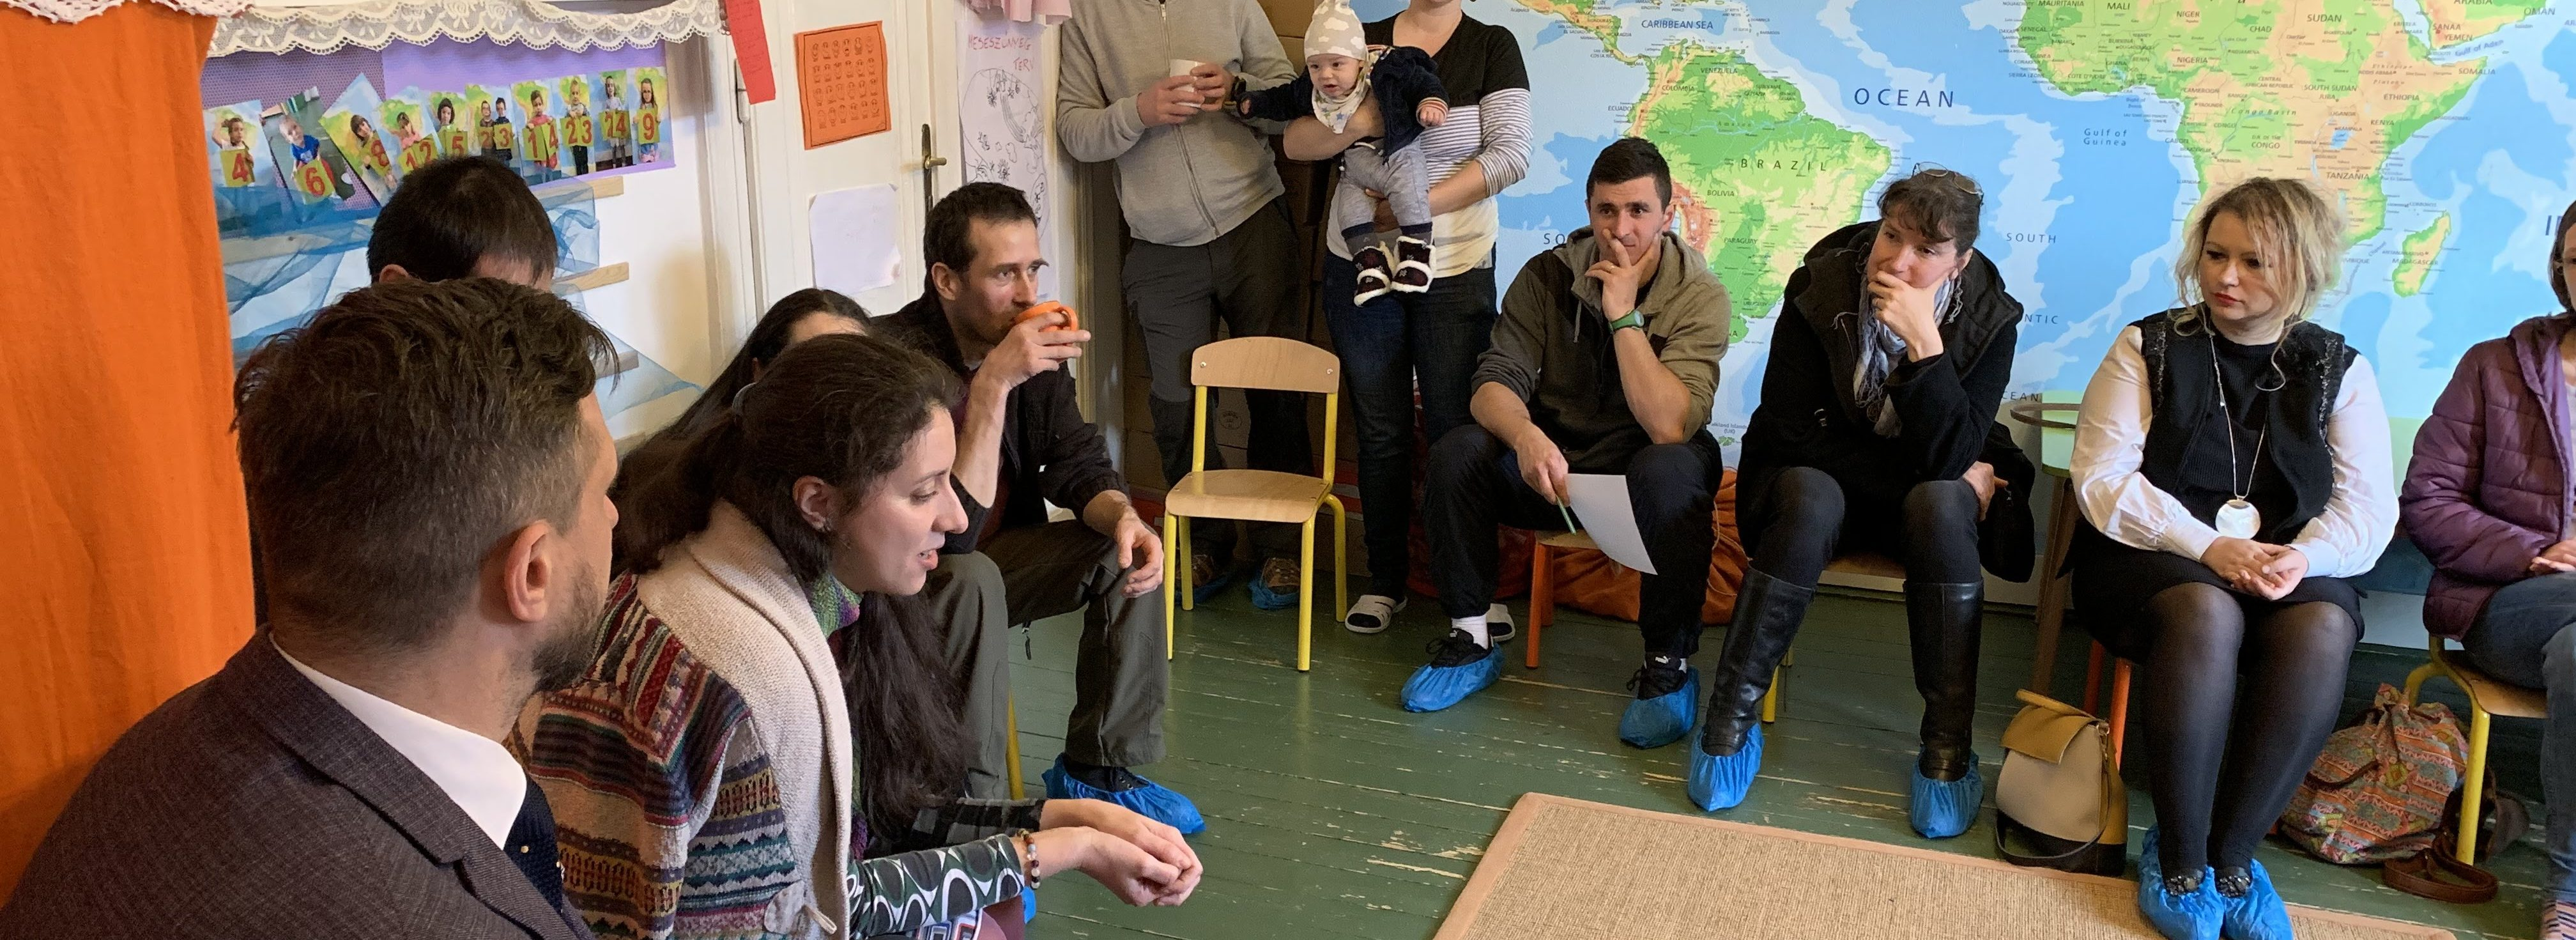 Otthonoktatás kiscsoportban a gyakorlatban